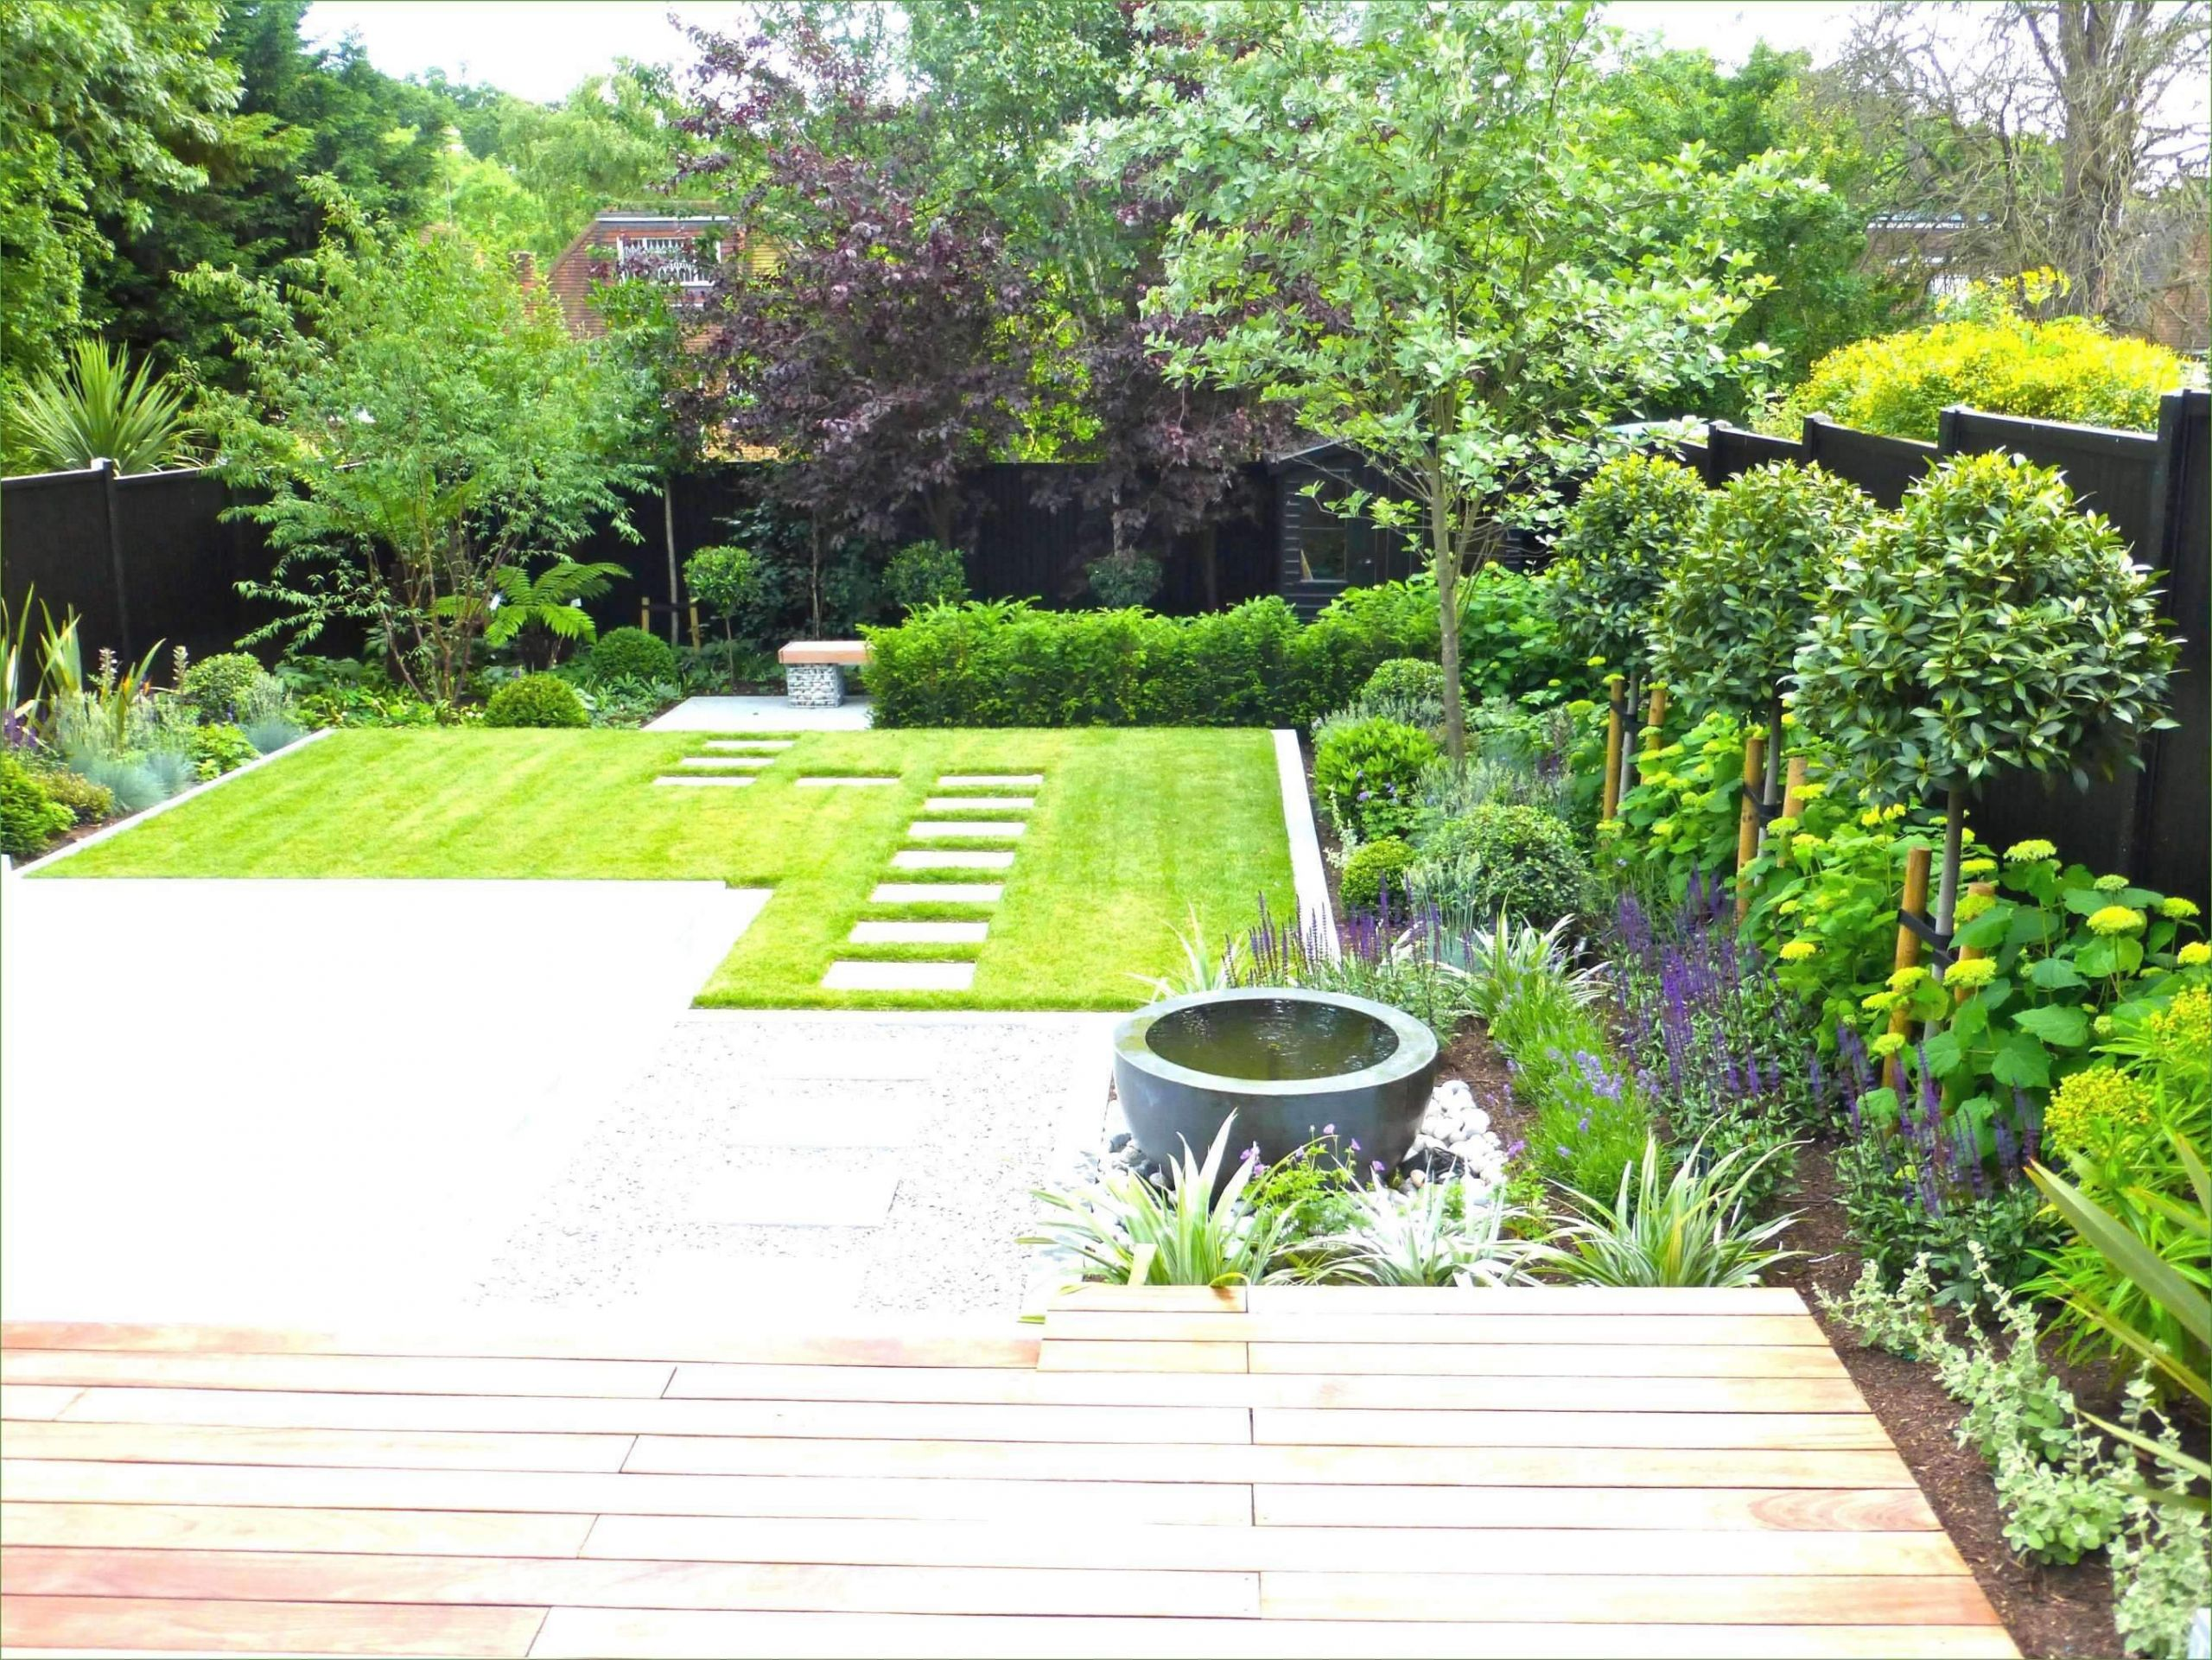 Metall Deko Für Garten Luxus 29 Inspirierend Wassertank Garten Oberirdisch Schön